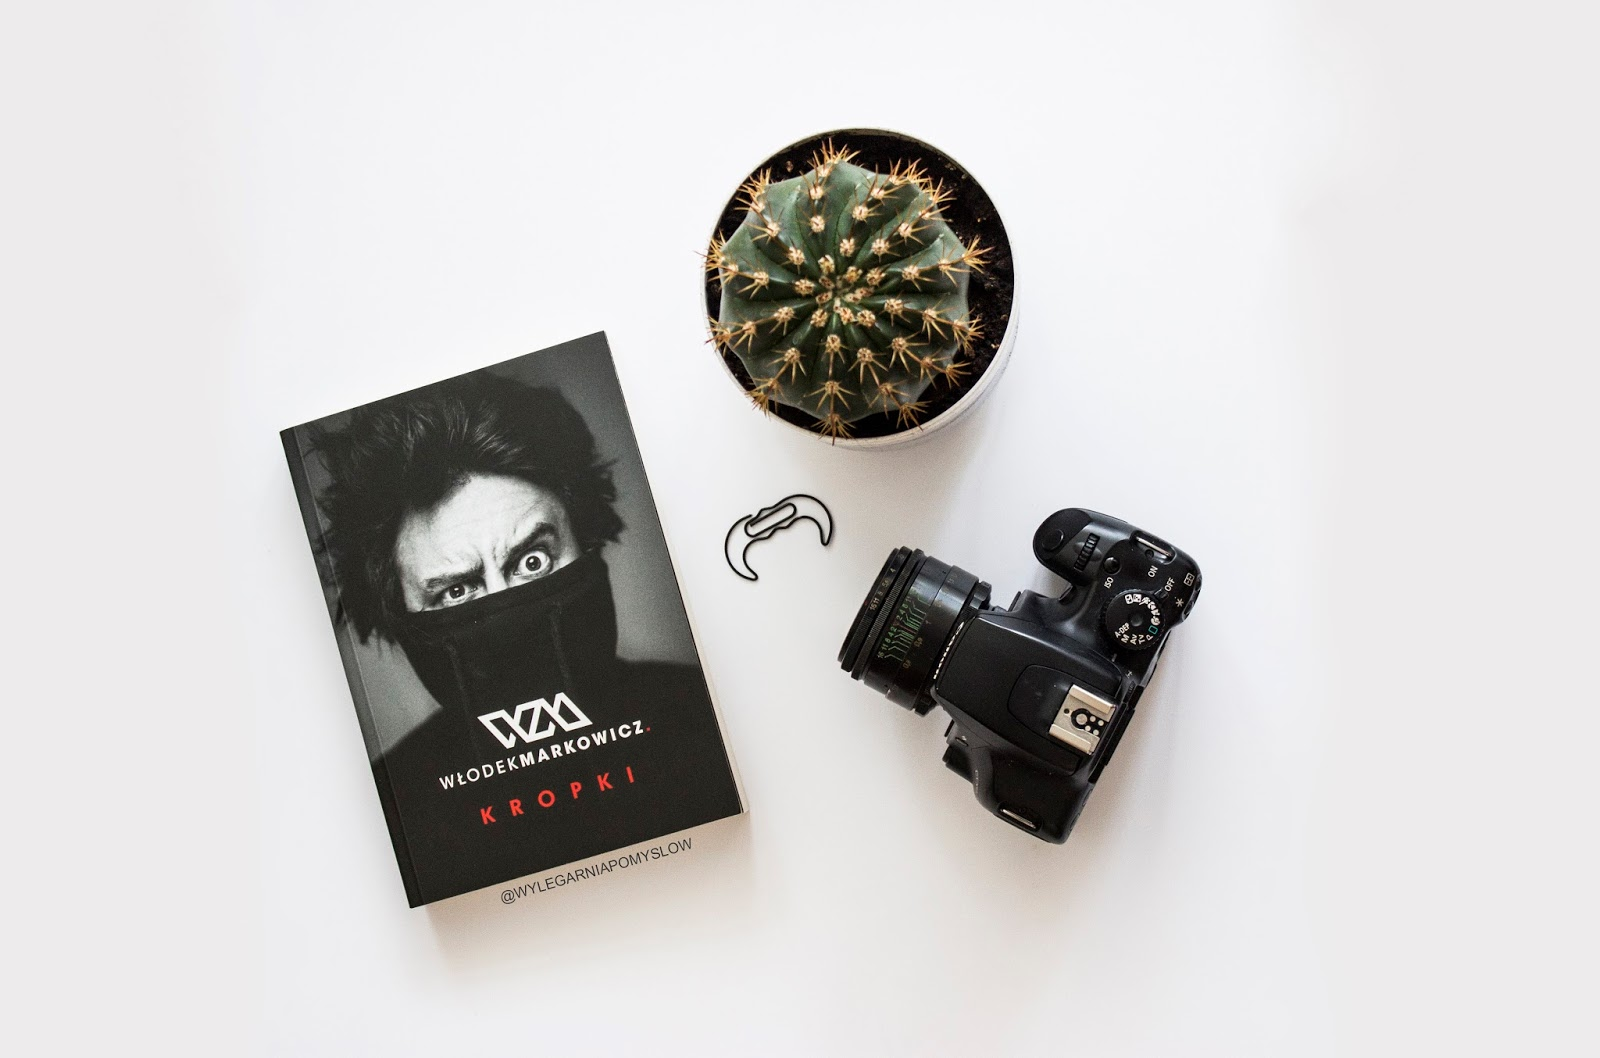 kropki, wlodek markowicz, recenzja, blog, książka, blogger